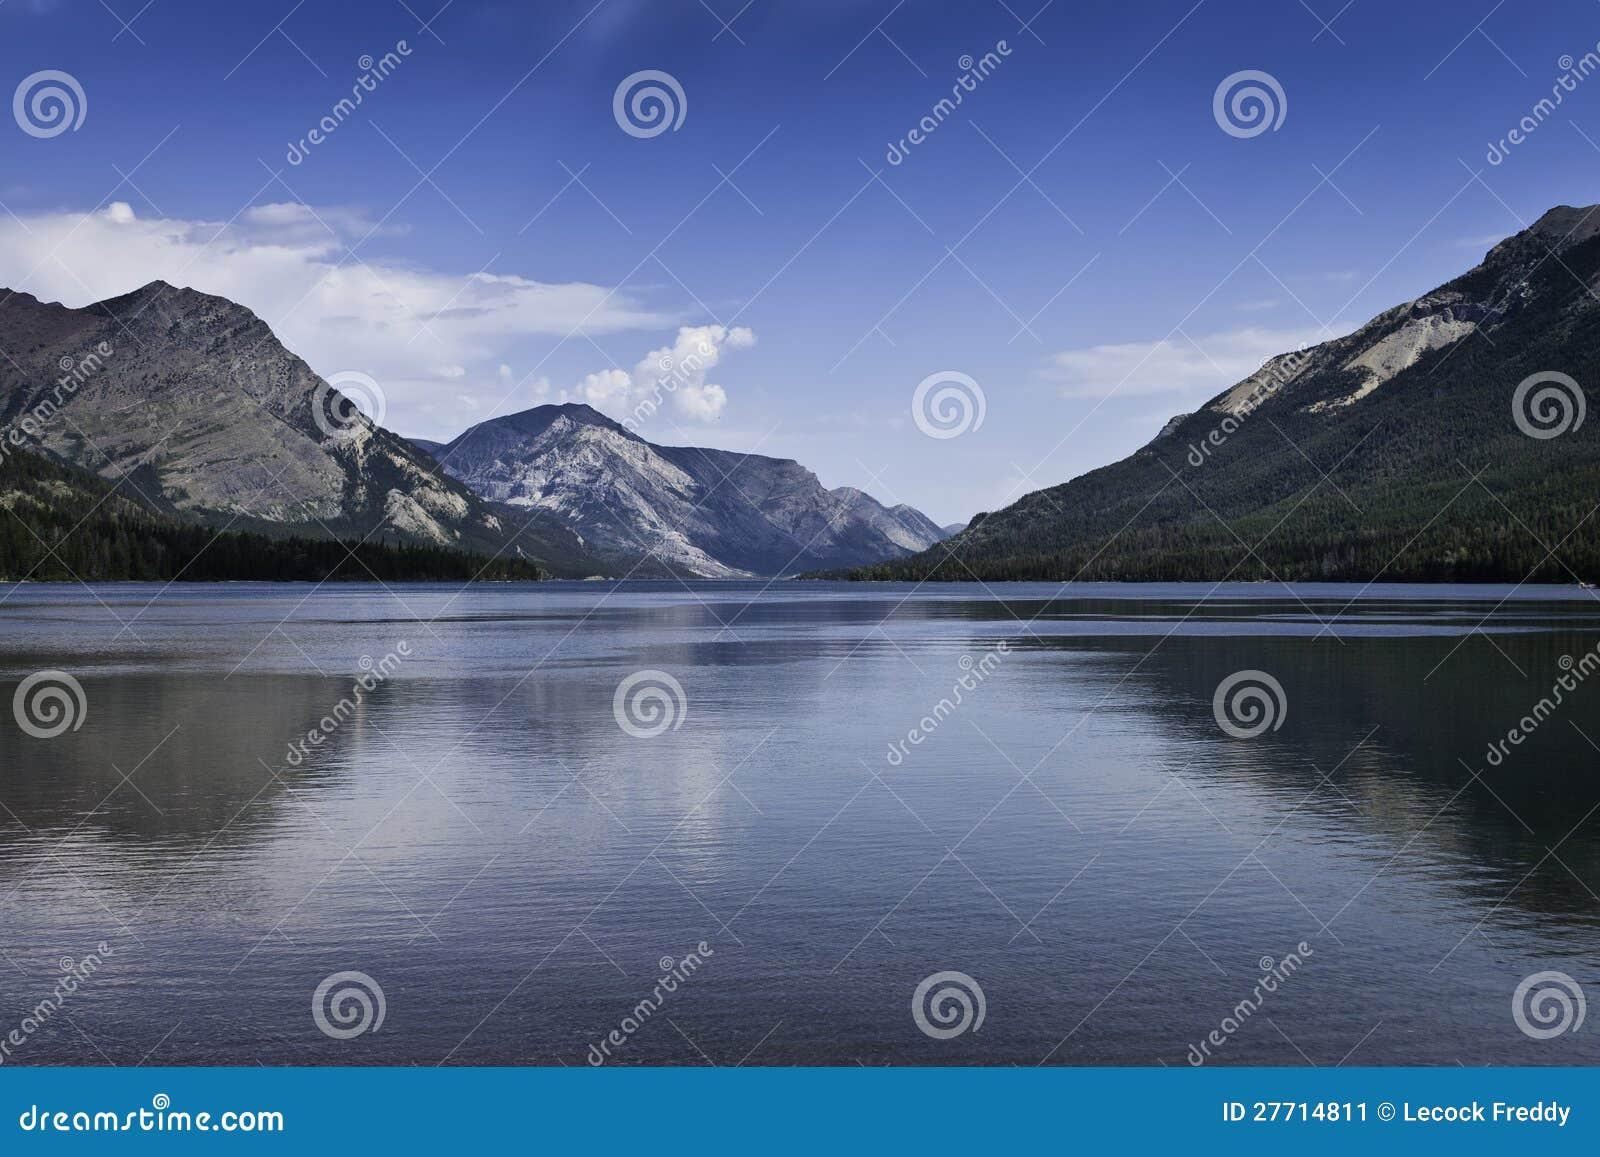 Waterton landscape